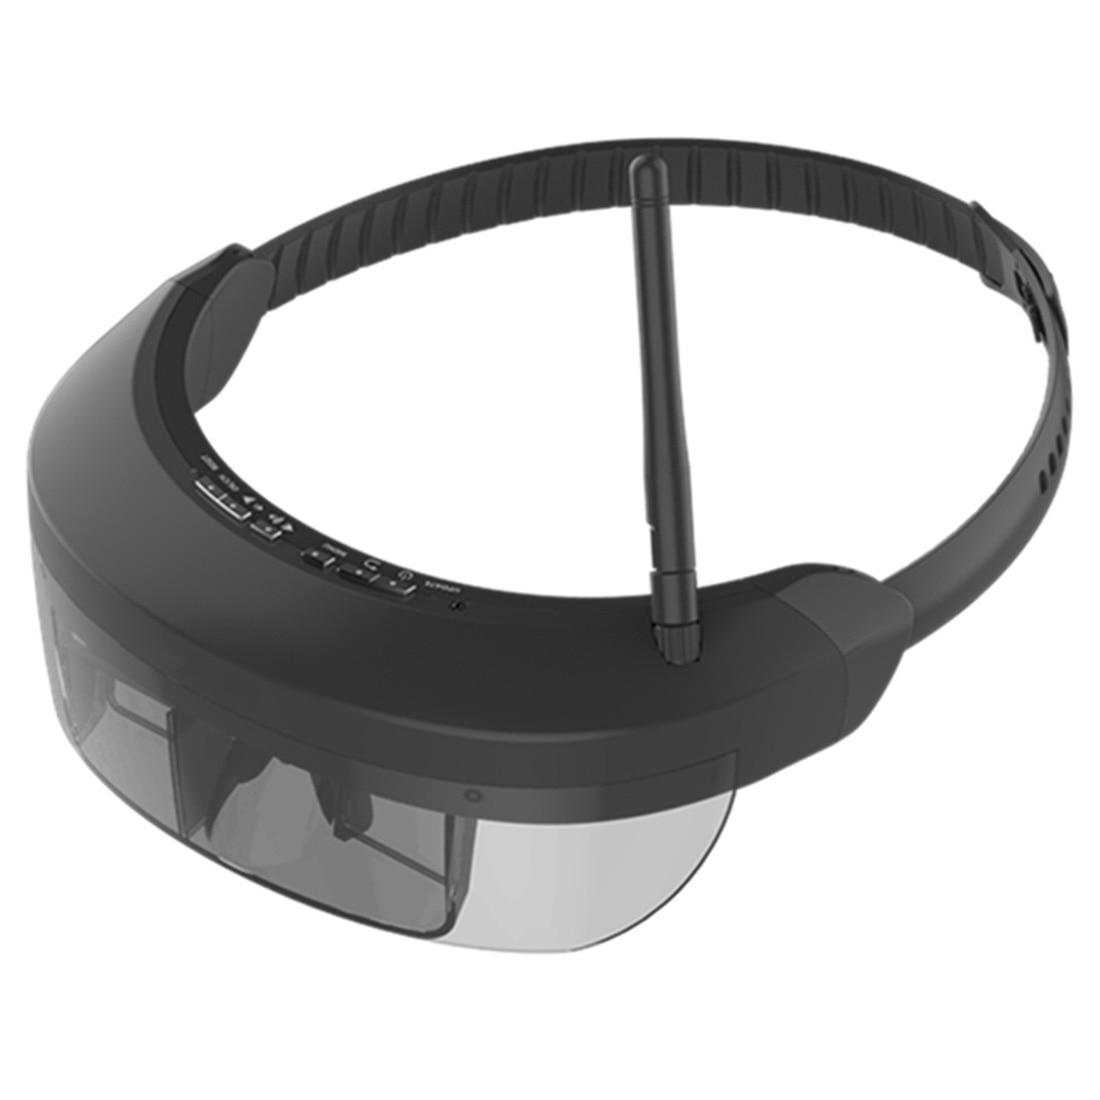 Беспроводной FPV системы очки 3D видео Vision-730S с 5,8 Г 40CH 98 дюймов дисплей частный виртуальный театр для Quadcopter